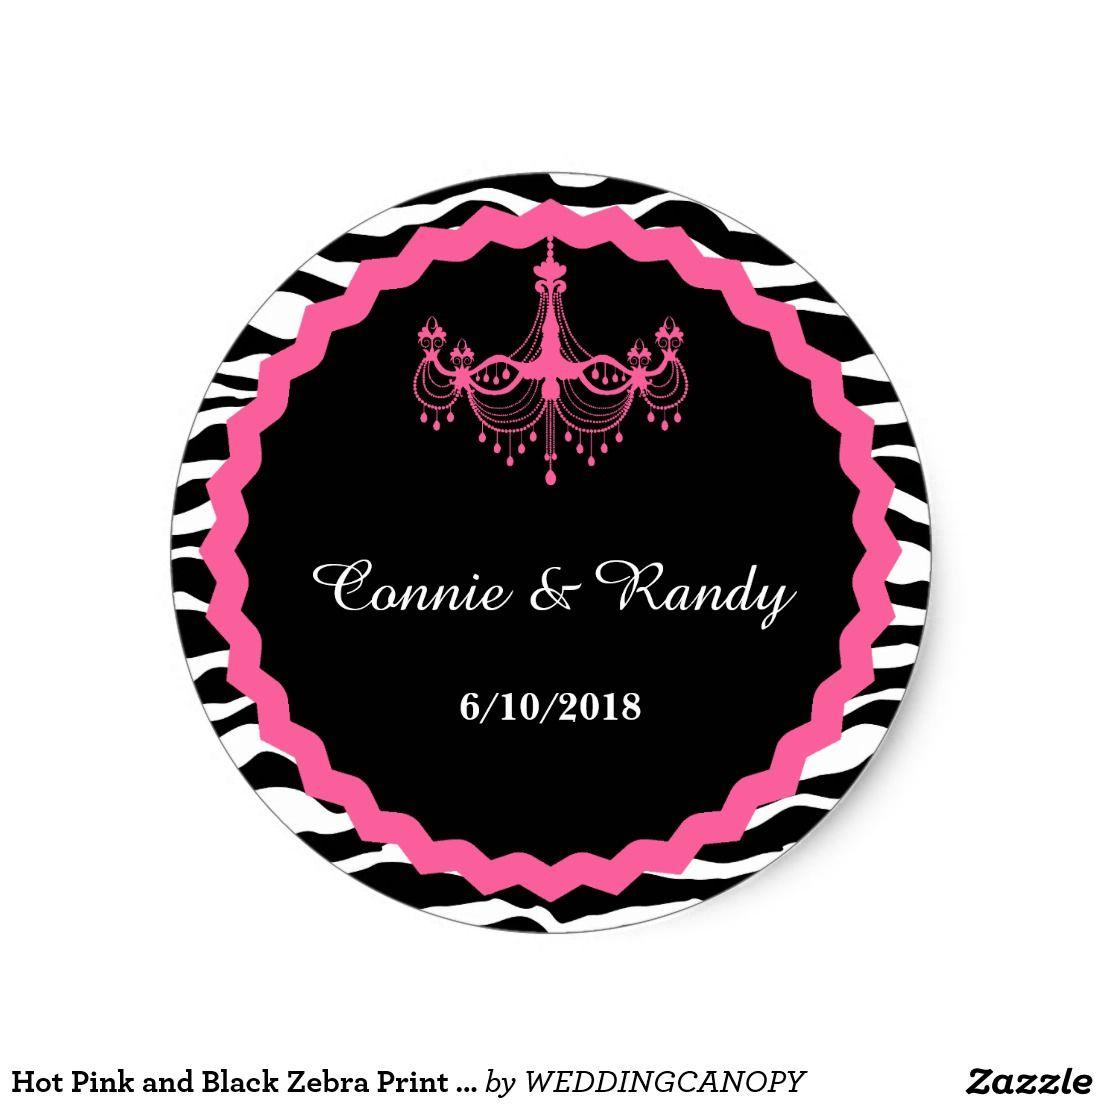 monogram wedding envelope seals sticker%0A Hot Pink and Black Zebra Print Monogram Wedding Classic Round Sticker